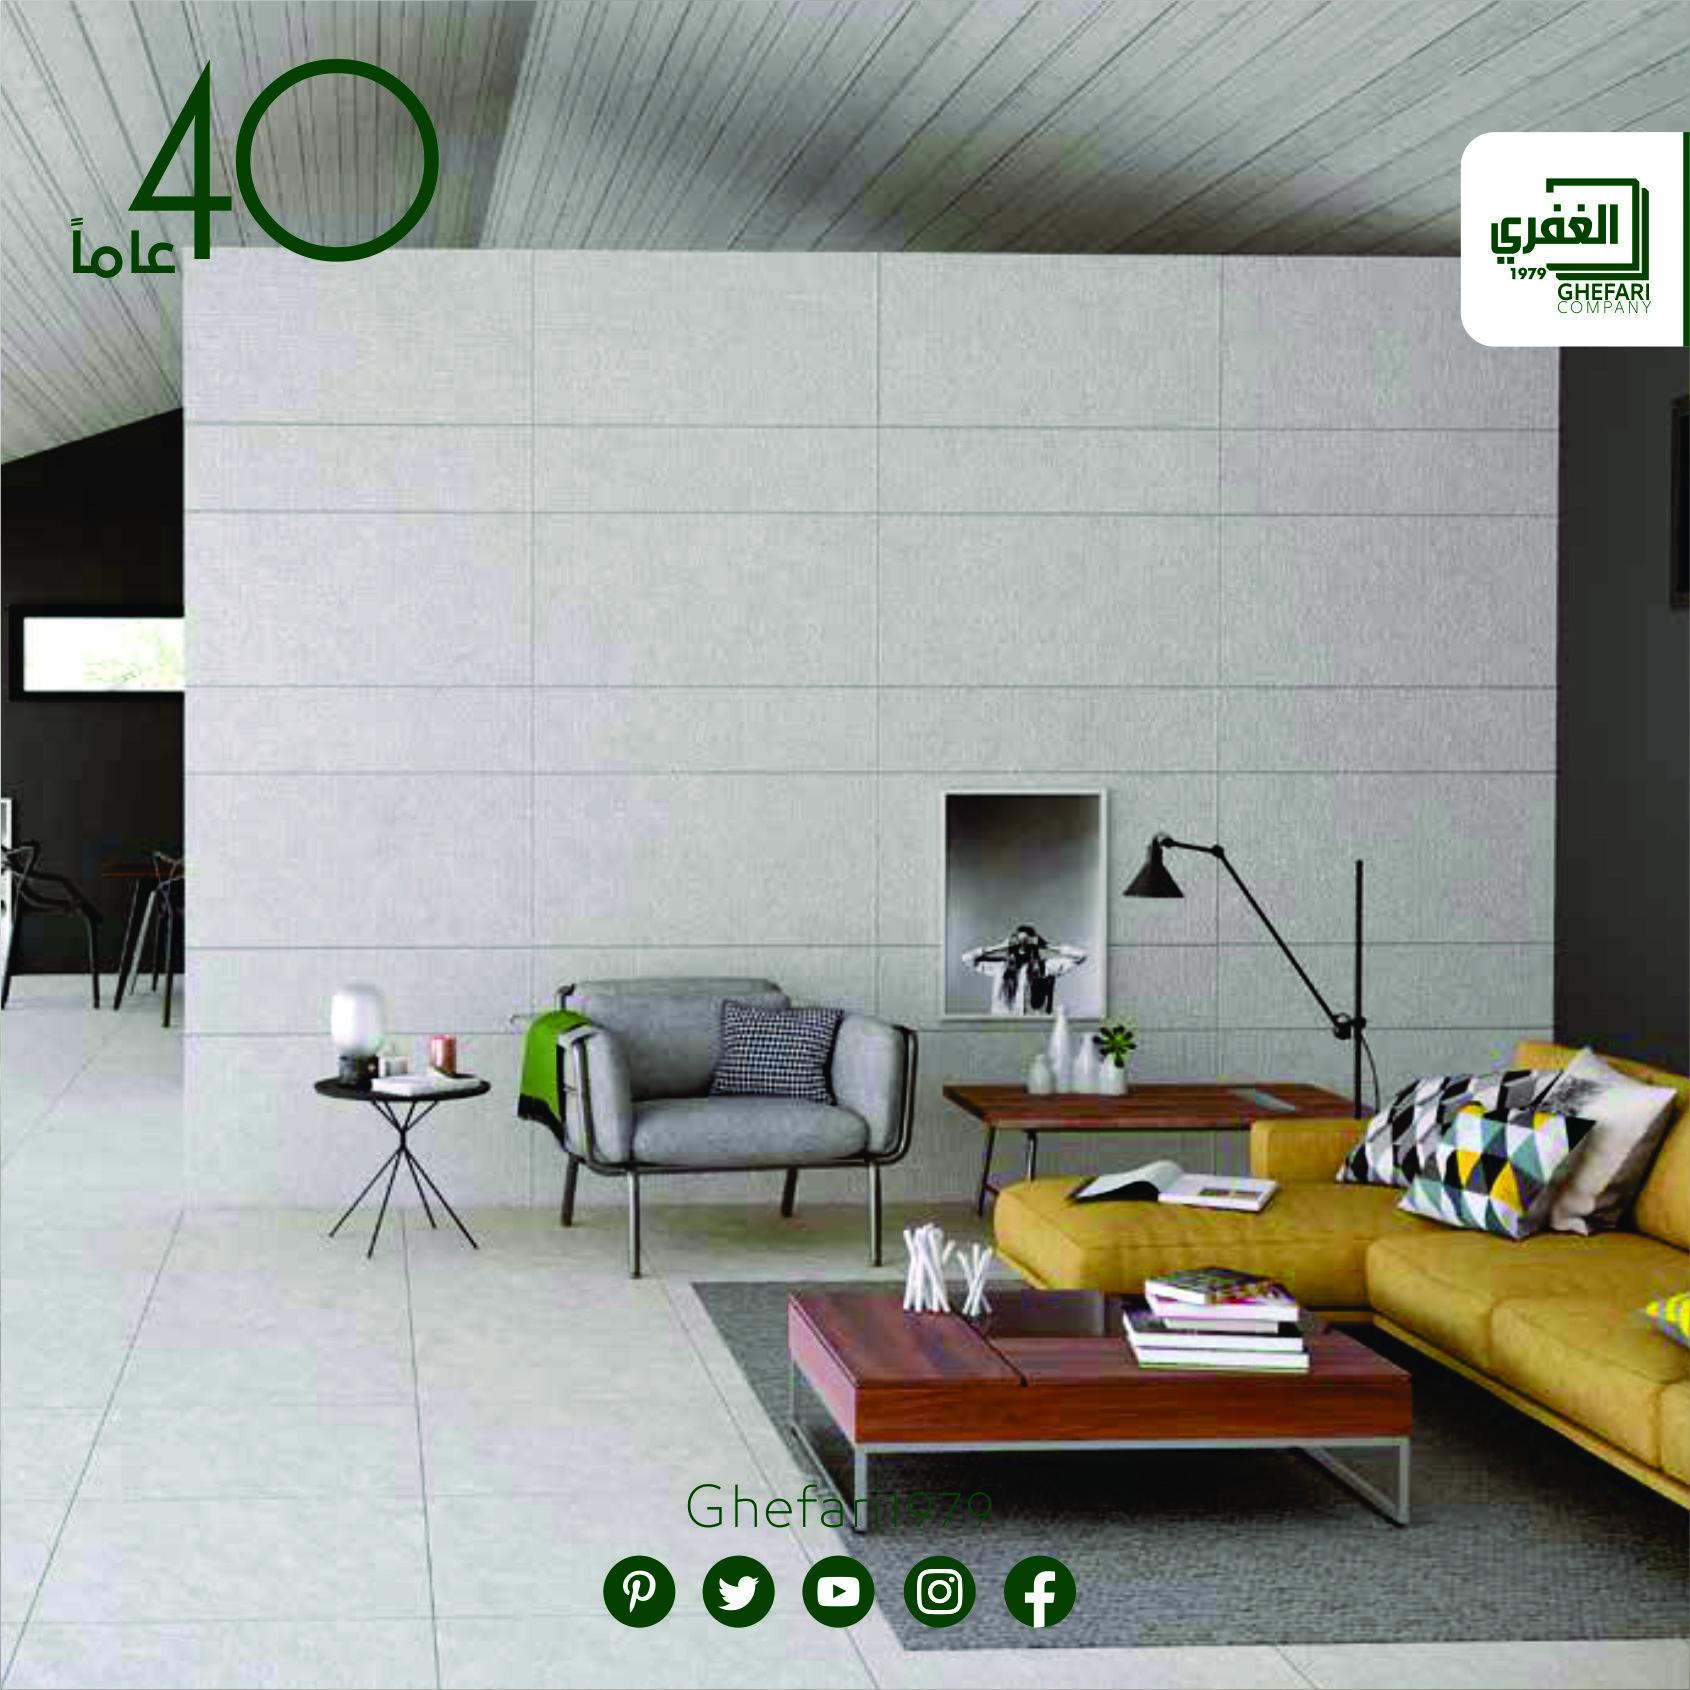 بورسلان أرضي حوائط حمامات مطبخ مقاس 29x59 اسباني الصنع موديلات 2020 2019 للمزيد زورونا على موقع الشركة Www Ghefari Com Home Decor Furniture Room